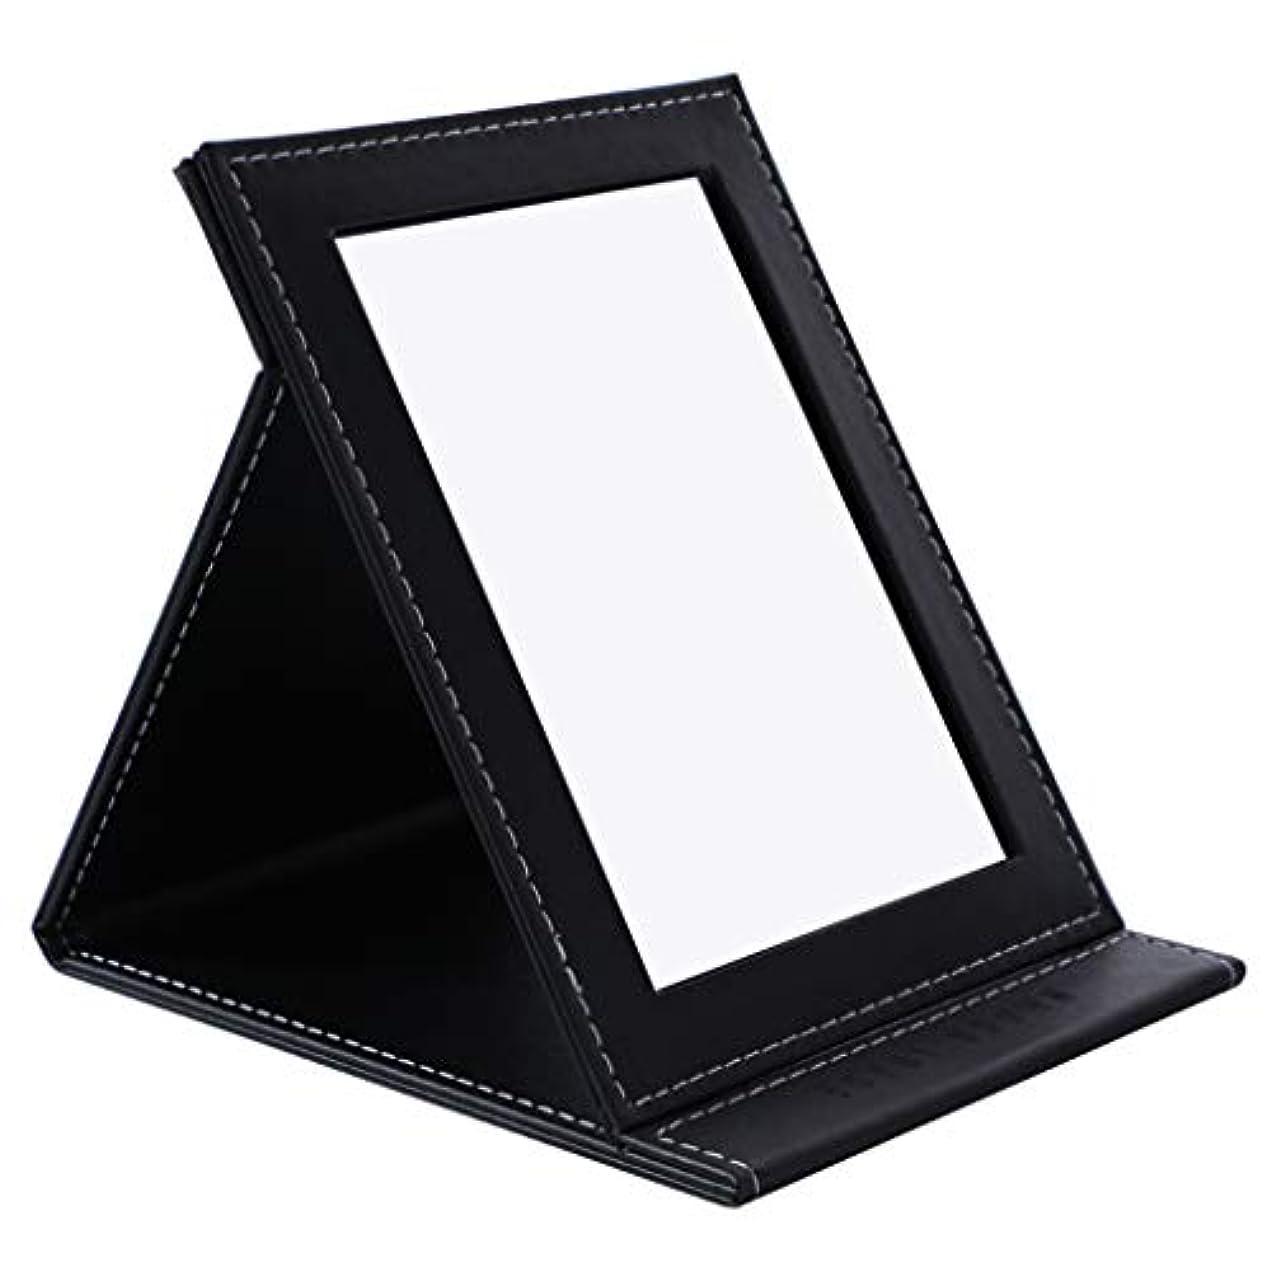 委任する上がるデスクトップの虚栄心ミラーHD折りたたみミラー卓上化粧鏡ポータブル用女の子学生女性,黒